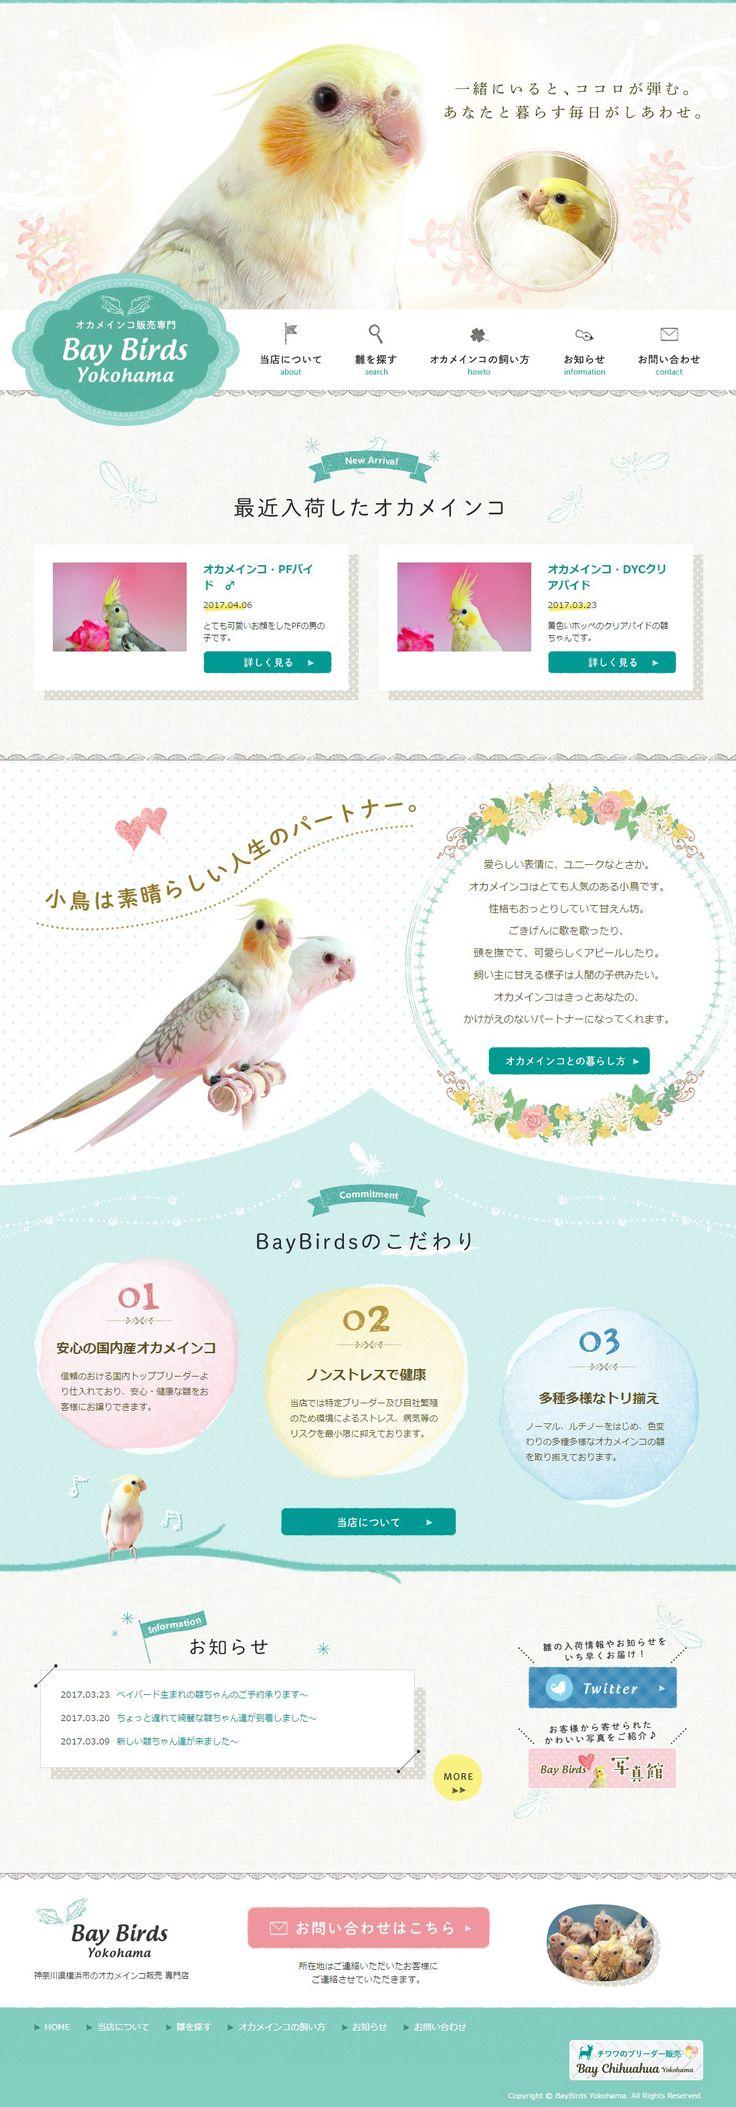 BayBirds Yokohama SANKOU!